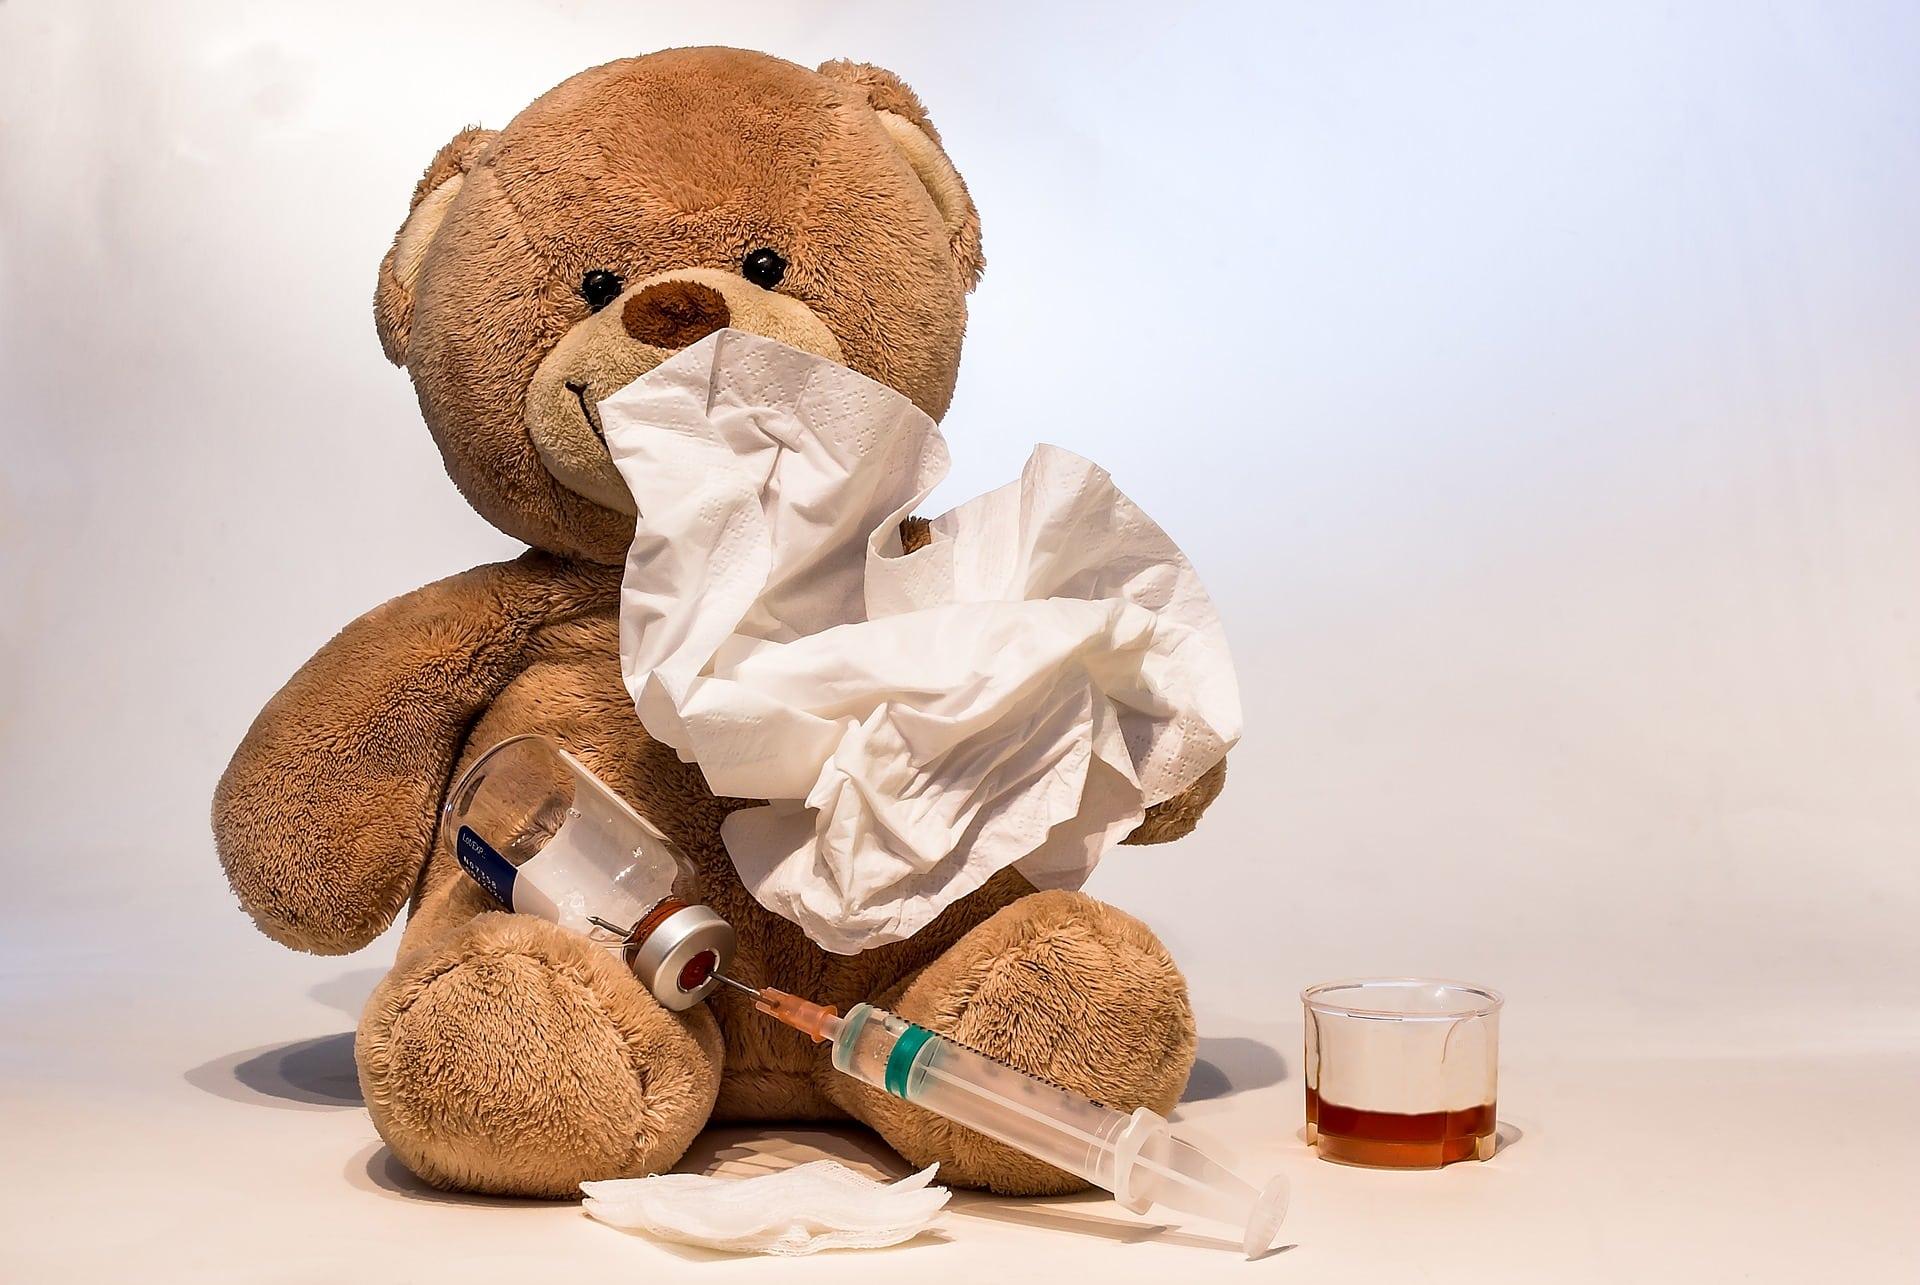 Profilaktyka grypy. Seniorze pamiętaj o szczepieniu